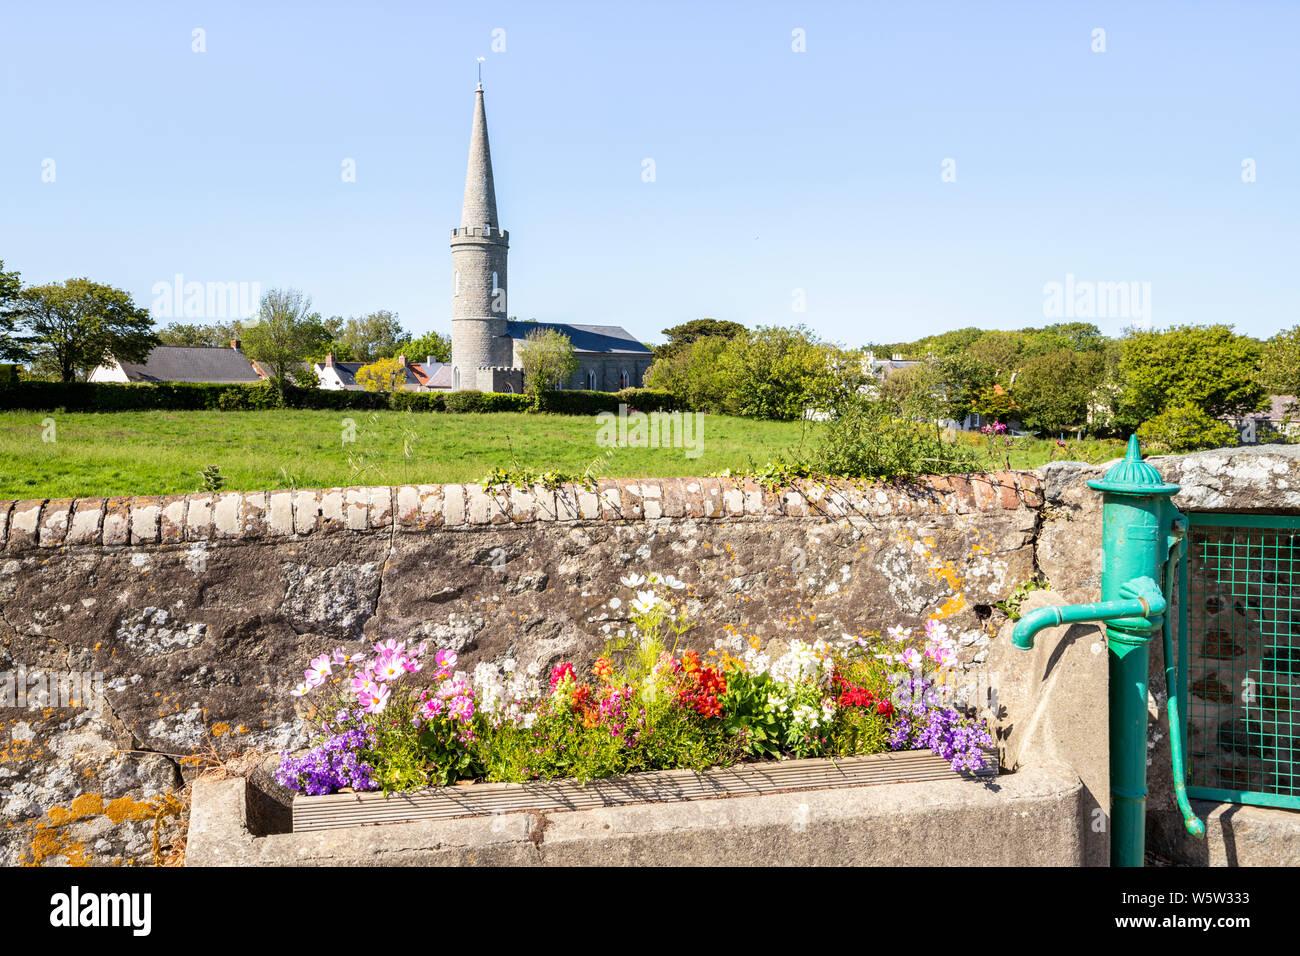 Blumen in einem alten Wassertrog neben einer Pumpe in Torteval Guernsey, Channel Islands, Großbritannien Stockfoto